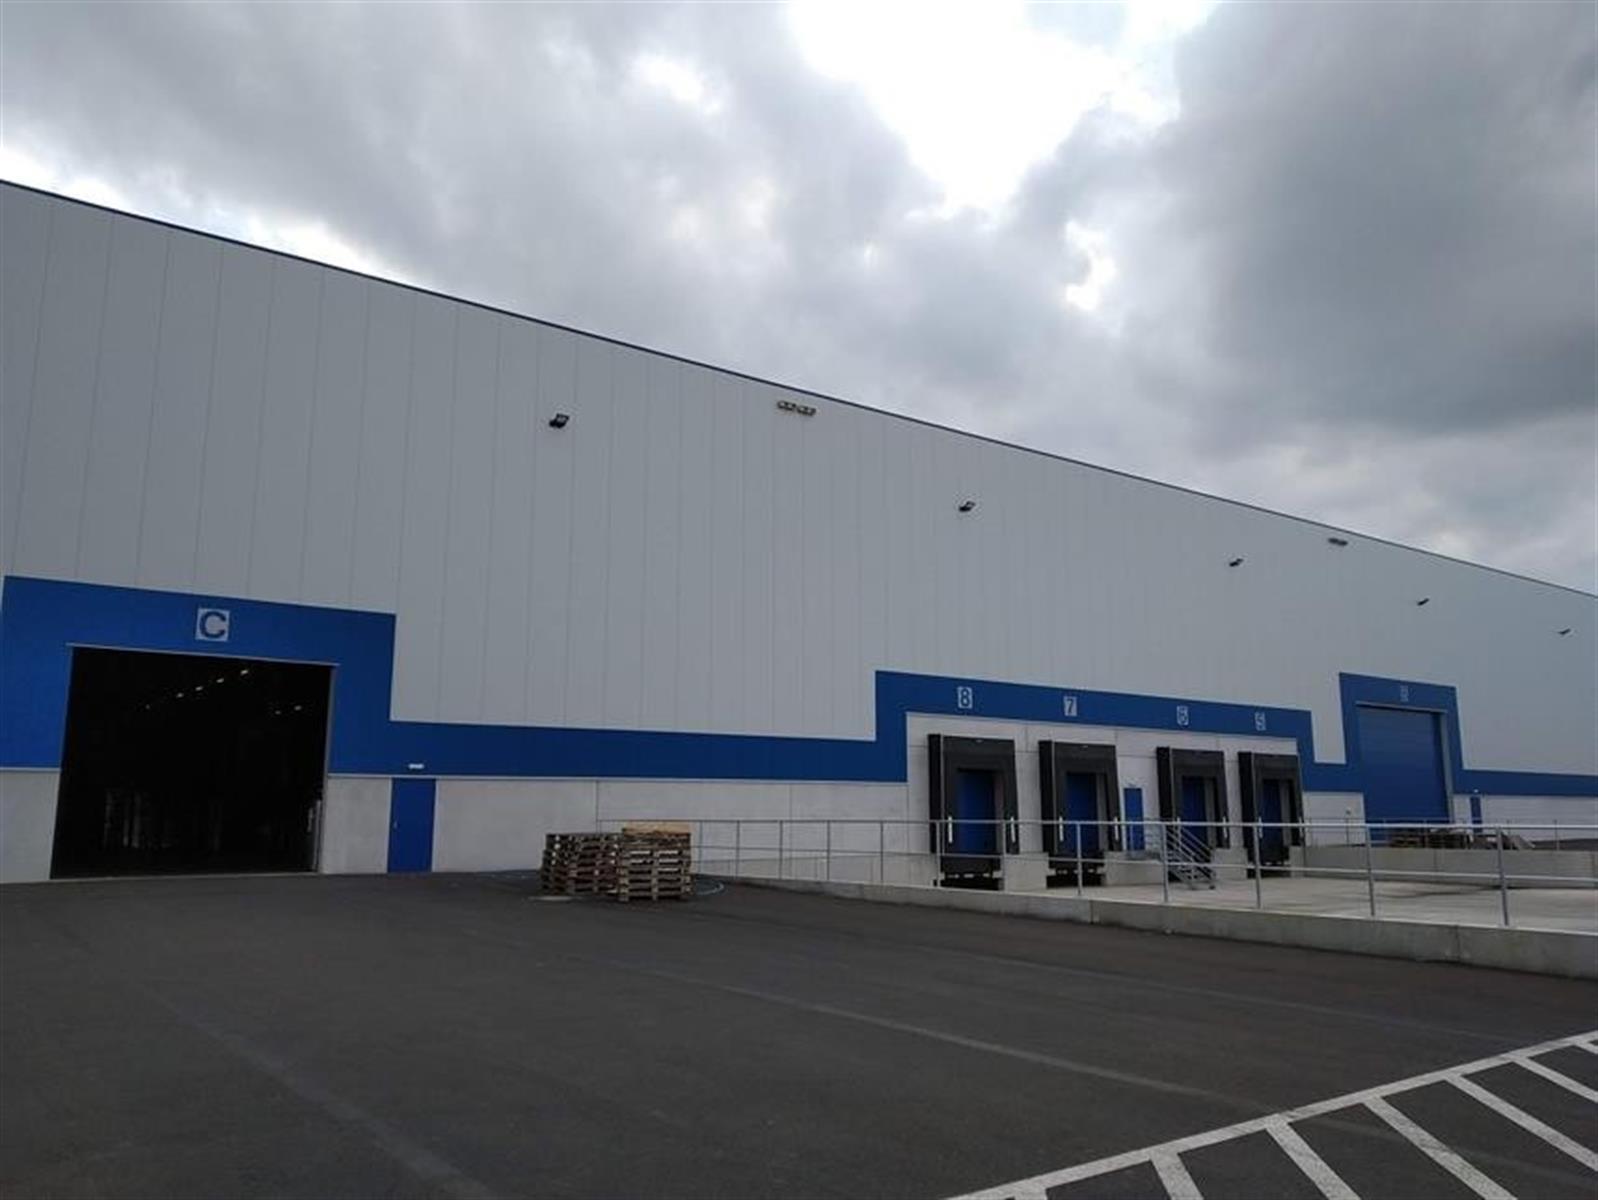 opslagplaats te huur UNIT 8B - Industrieweg 34, 2280 Grobbendonk, België 10